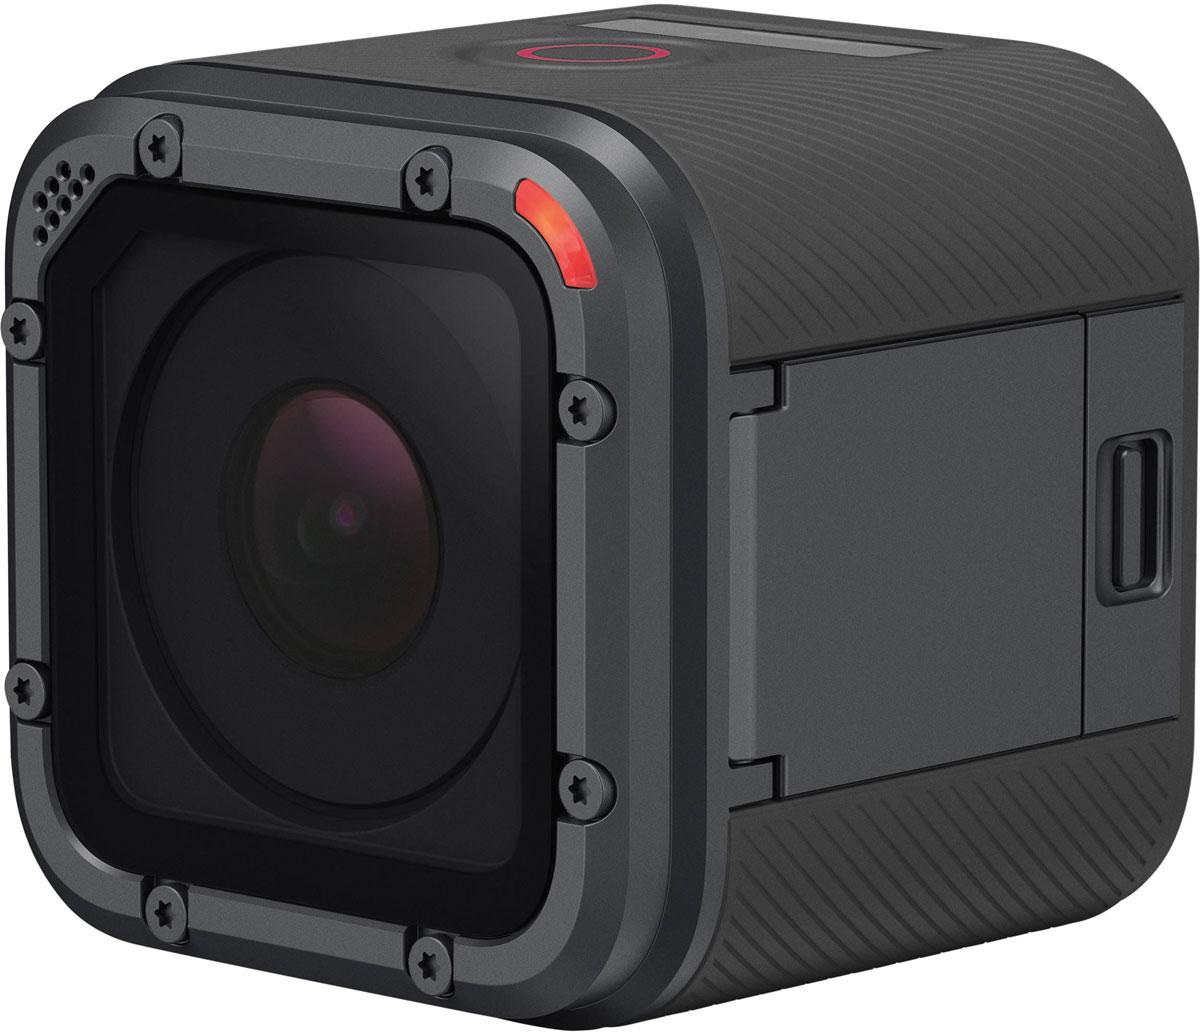 GoPro Hero 5 Session, Black экшн-камераCHDHS-502RWGoPro Hero 5 Session это новое поколение легендарных камер GoPro, в котором воплощены последние технические достижения компании GoPro.Для управления камерой используется всего одна многофункциональная кнопка, позволяющая переключать режимы работы и включать запись. Находящийся за ней небольшой дисплей отображает основную информацию о видео. Кроме того, устройство поддерживает функцию голосового управления, очень удобную для самостоятельной съёмки экстремальных спортивных соревнований. Теперь вы можете управлять камерой с помощью простых голосовых команд. А простая система креплений и компактный дизайн камеры GoPro Hero 5 Session позволит вам снять удивительные кадры в формате 4К или сделать отличные фотографии в разрешении 10 Мпикс.Интеллектуальная стабилизация видео обеспечит потрясающе плавное видео. Одно нажатие кнопки спуска затвора и ваша камера начинает запись автоматически. Прочный водонепроницаемый корпус HERO5 Session позволит погрузиться на на глубину до 10 метров за потрясающими кадрами подводного мира.С новой программой GoPro Plus, Hero 5 Session может загружать фотографии и видео непосредственно в облачное хранилище для удобного просмотра, редактирования и использования. Снимай и делись контентом из любой точки мира! Как выбрать экшн-камеру. Статья OZON Гид